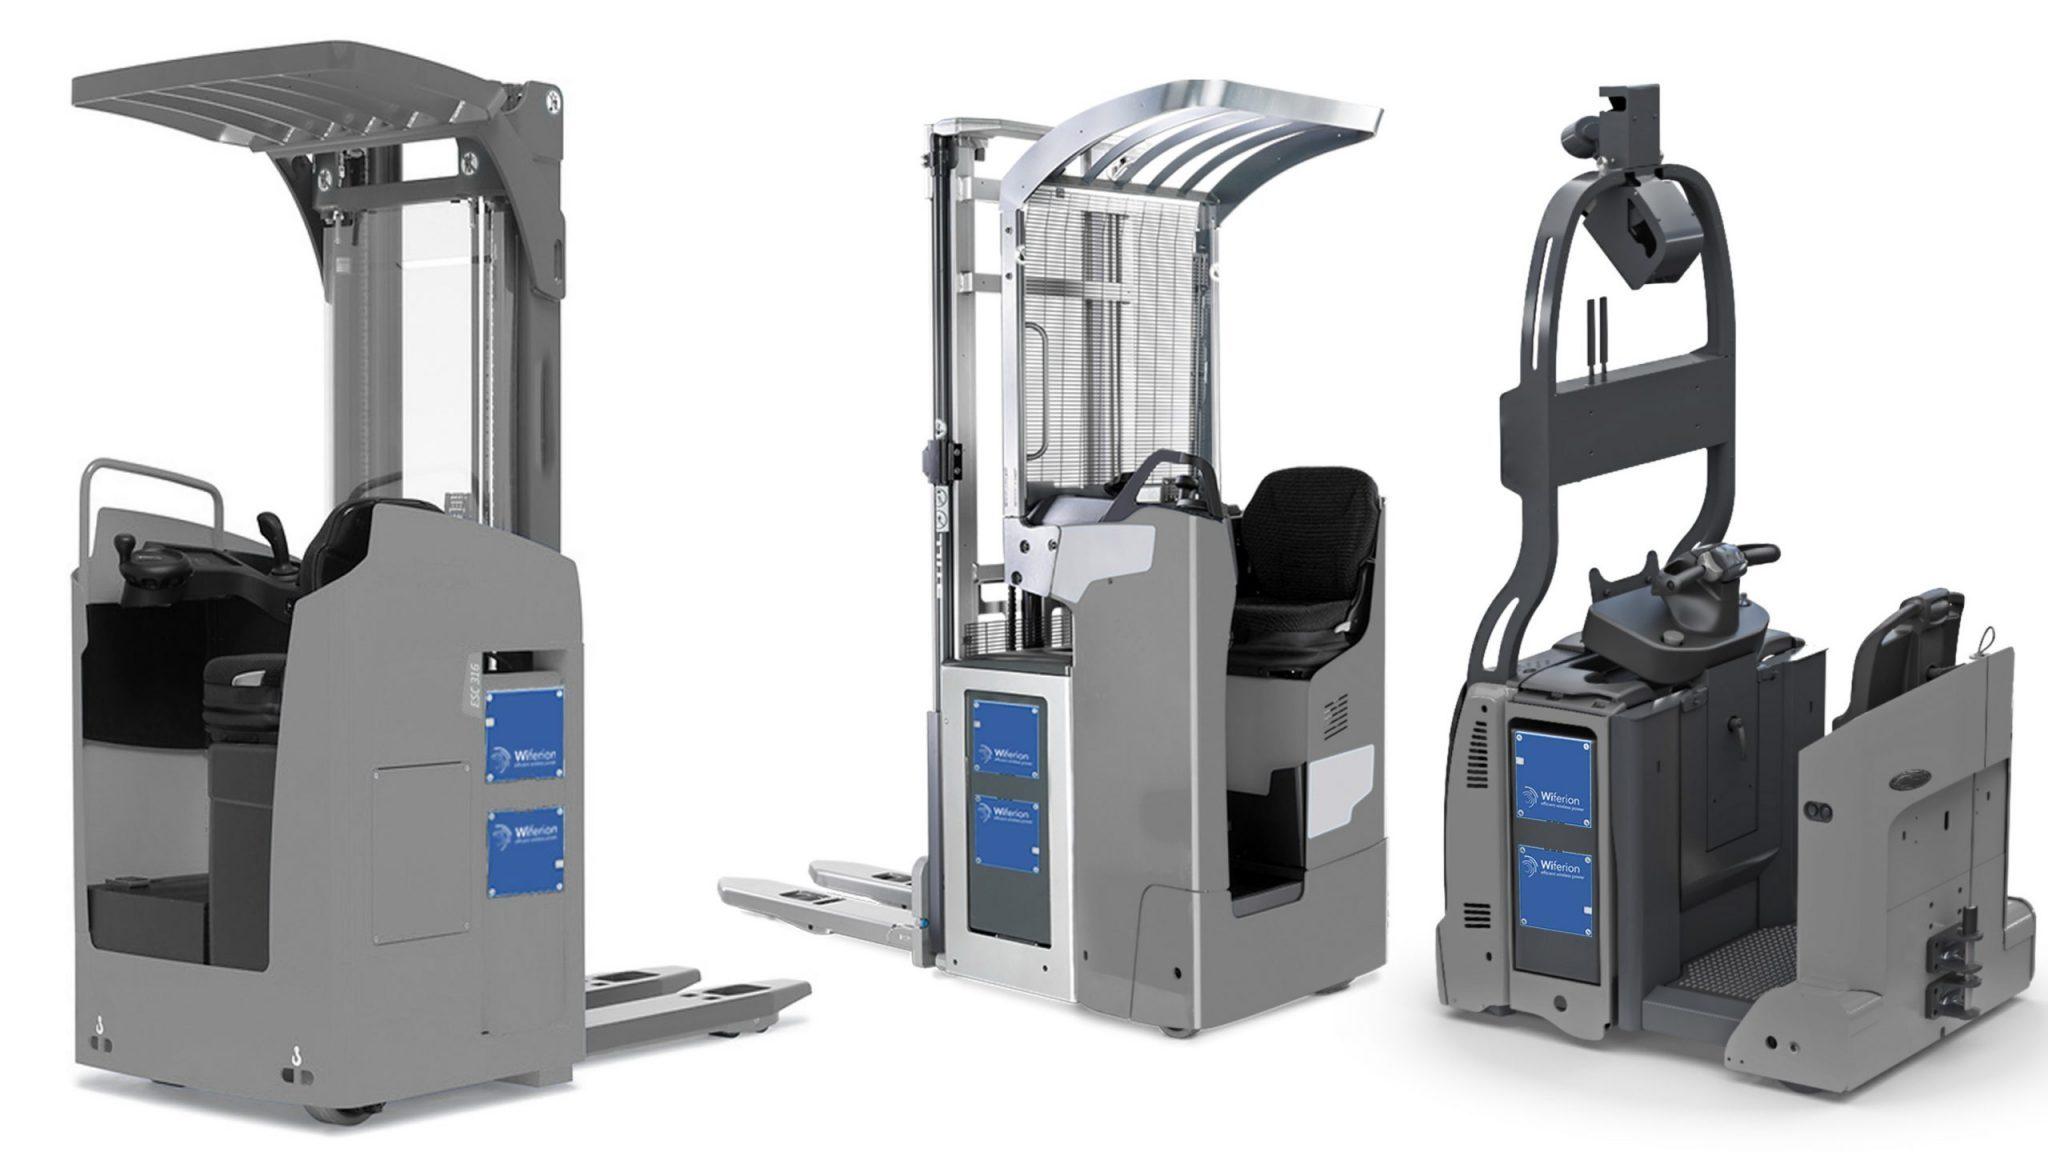 etatray alle hersteller induktiv laden all manufactures wireless charging